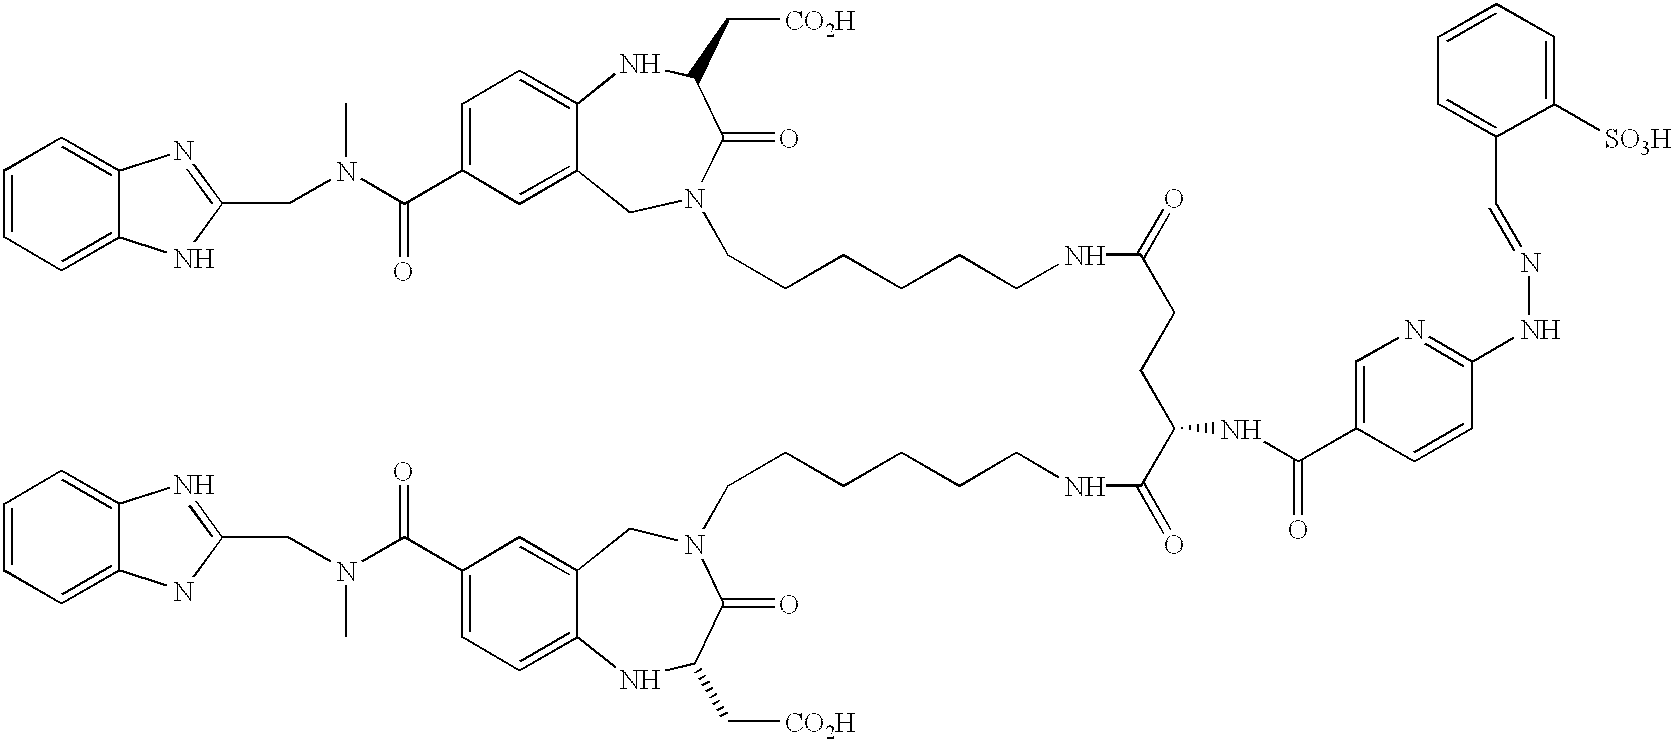 Figure US06558649-20030506-C00050